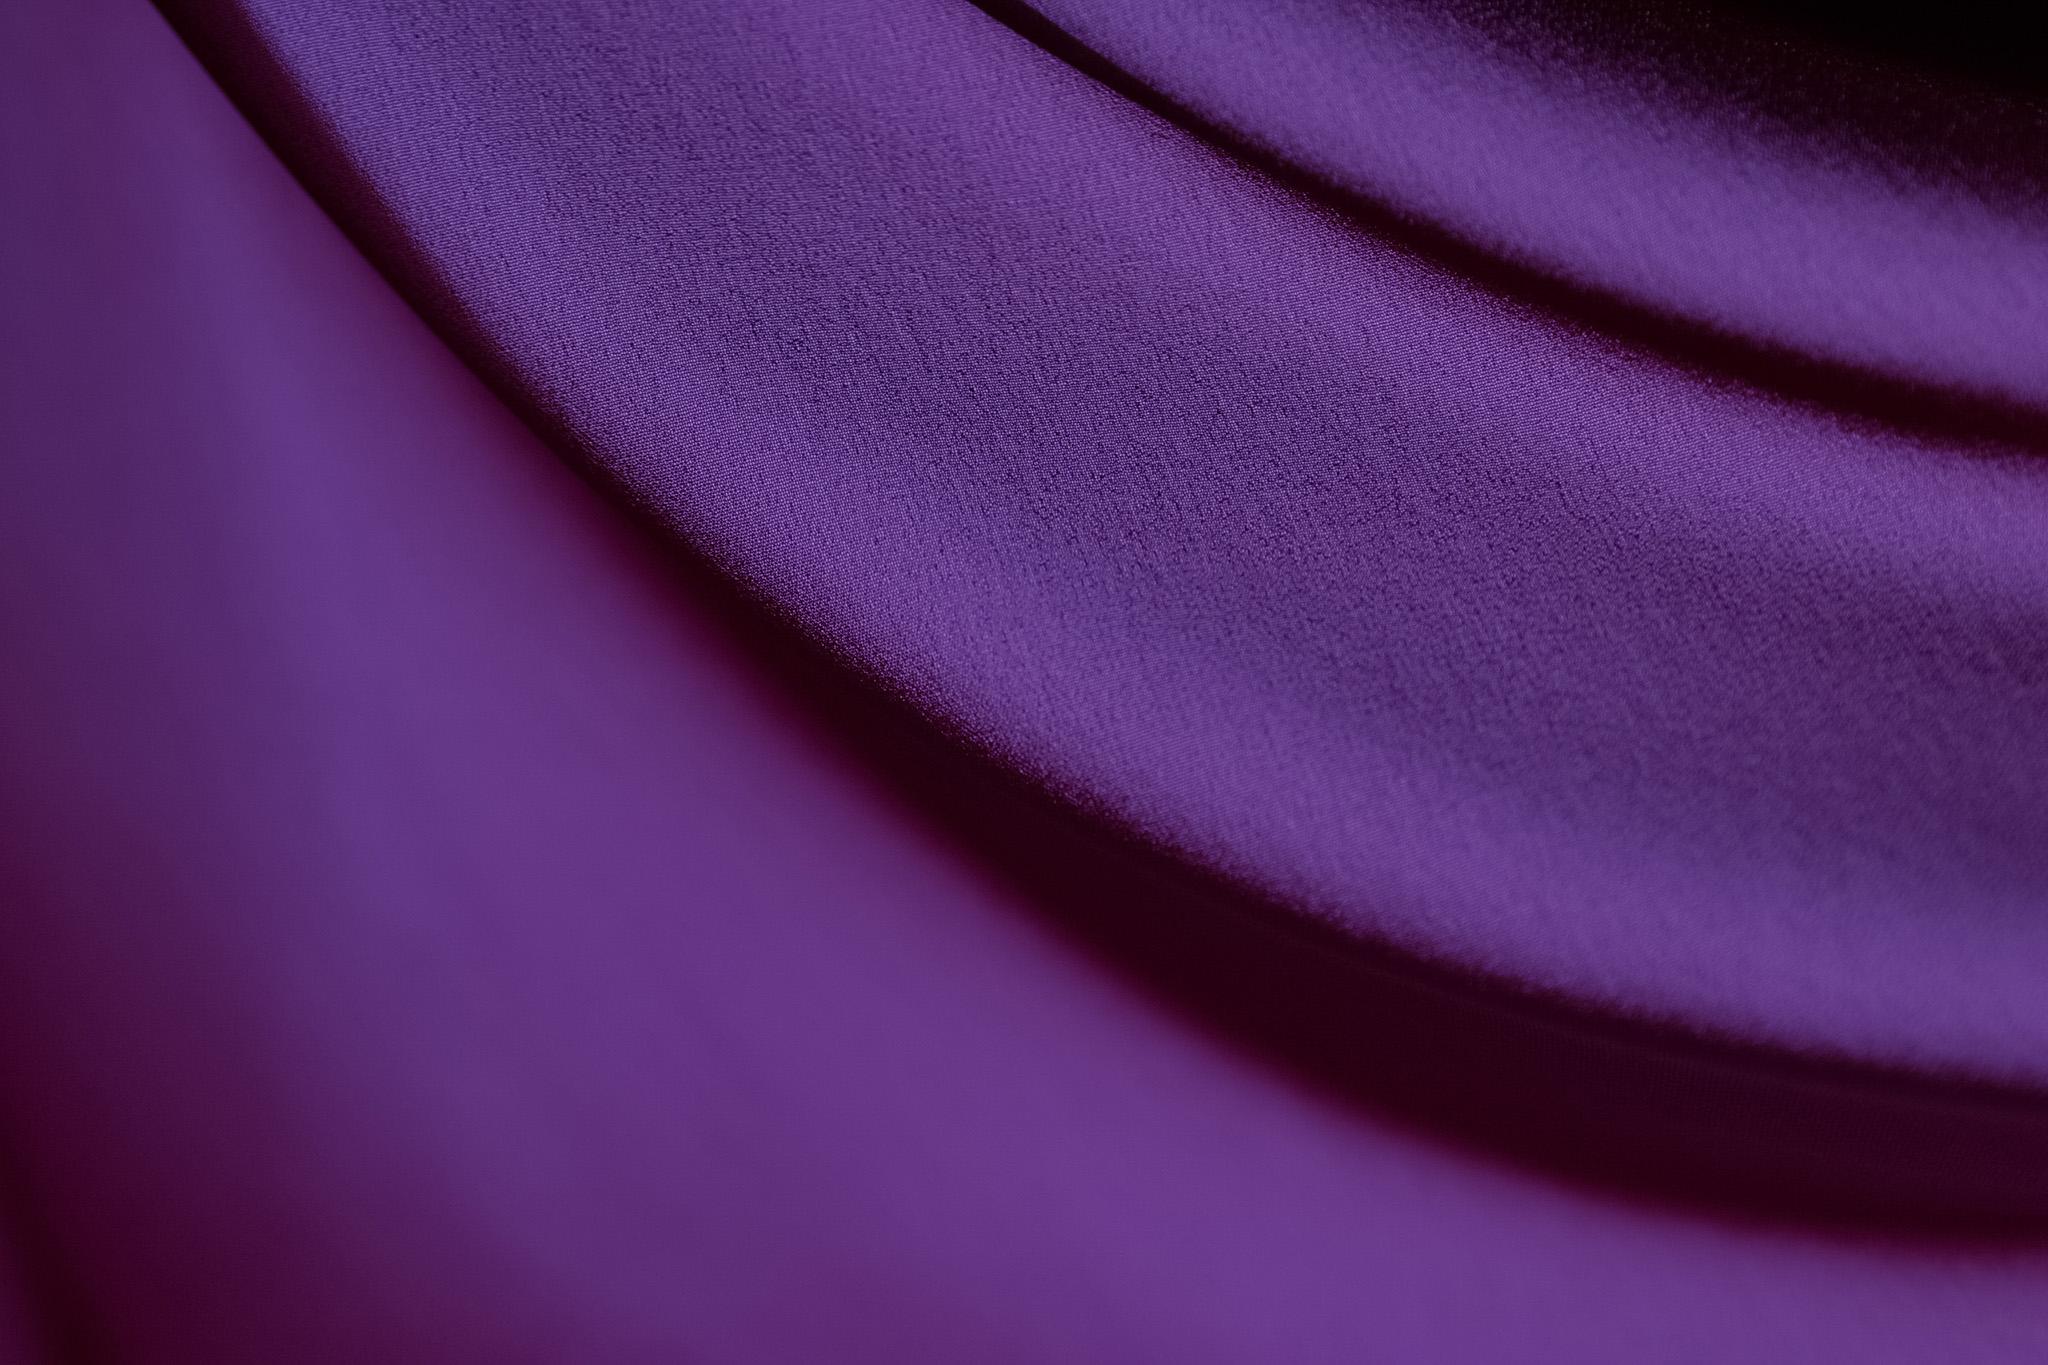 「紫色の布地の背景イメージ」